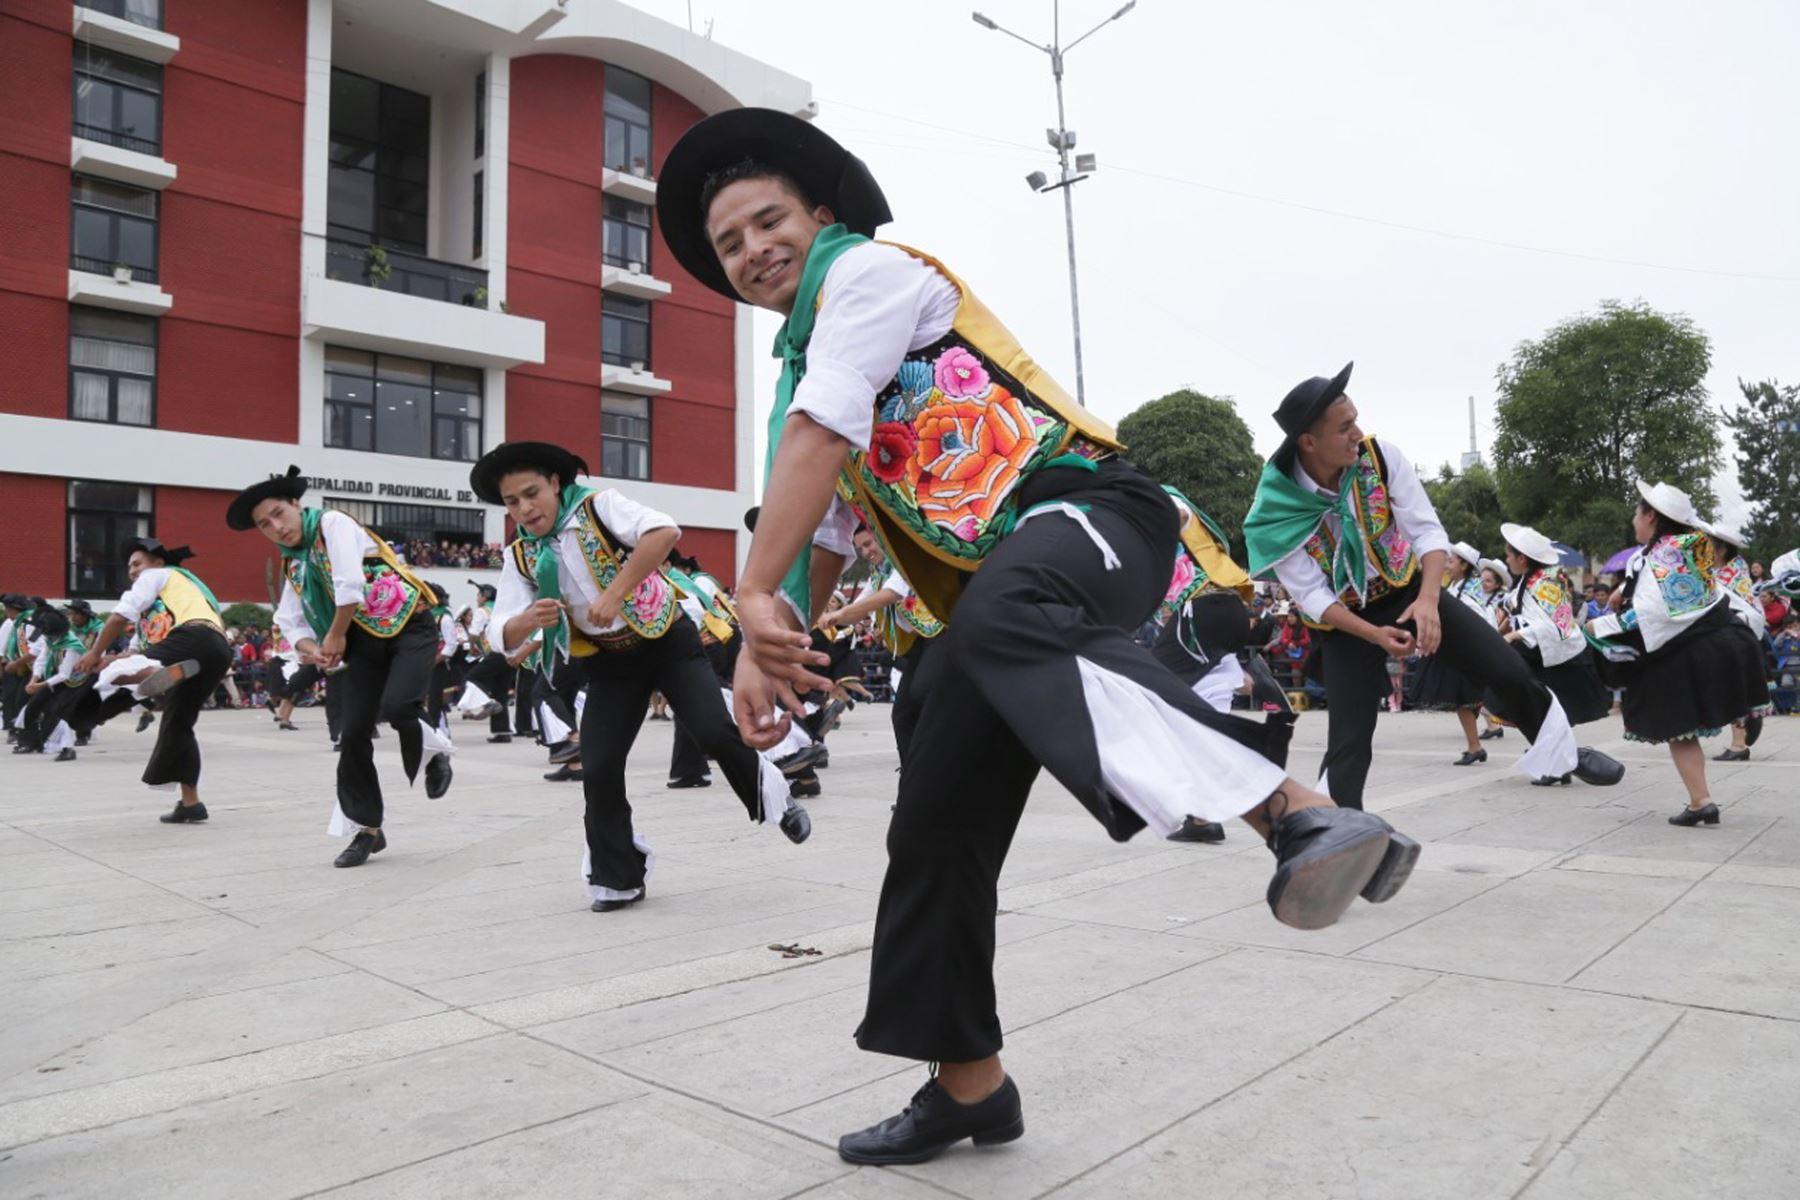 El Instituto de la Juventud y la Cultura de la Municipalidad Provincial de Huancayo celebró el día del Huaylarsh con el zapateo y el guapido de las wamblas y los walash de más de 30 instituciones folclóricas. Foto: Difusión Municipalidad Provincial de Huancayo